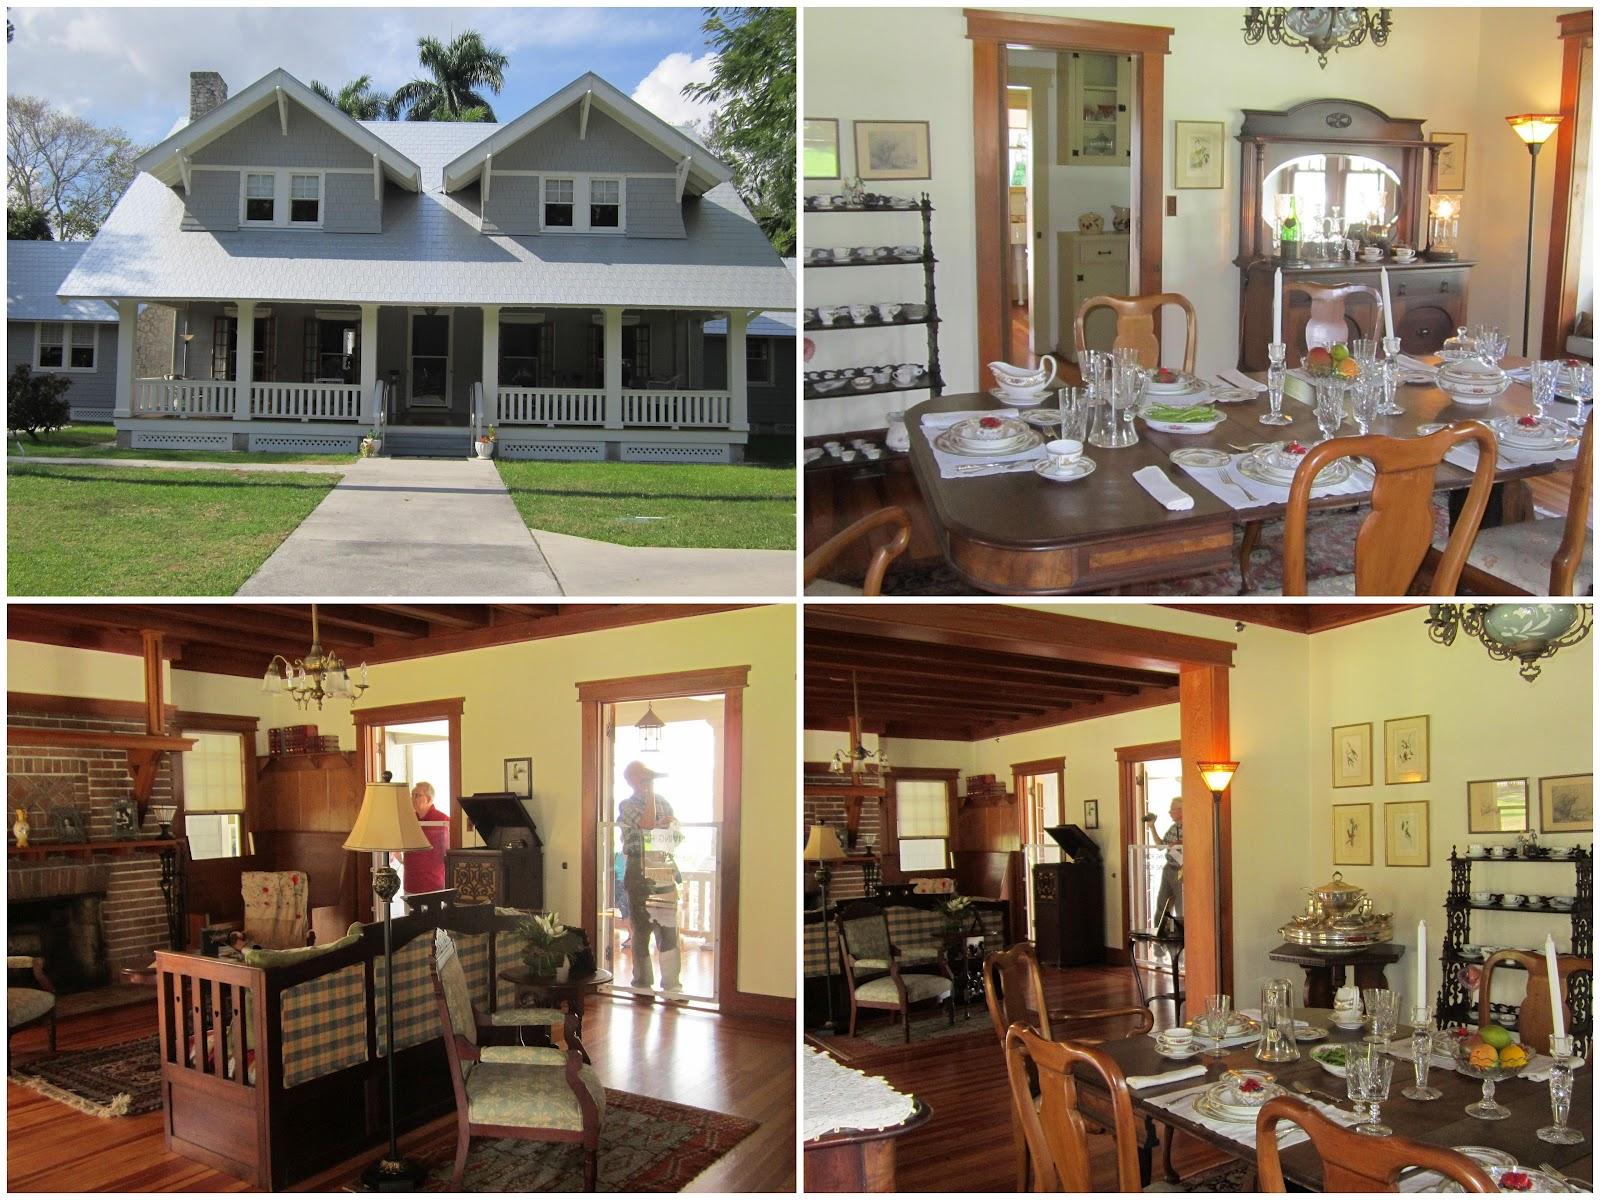 The Roadrunner Chronicles Thomas Edison Home In Ft Myers